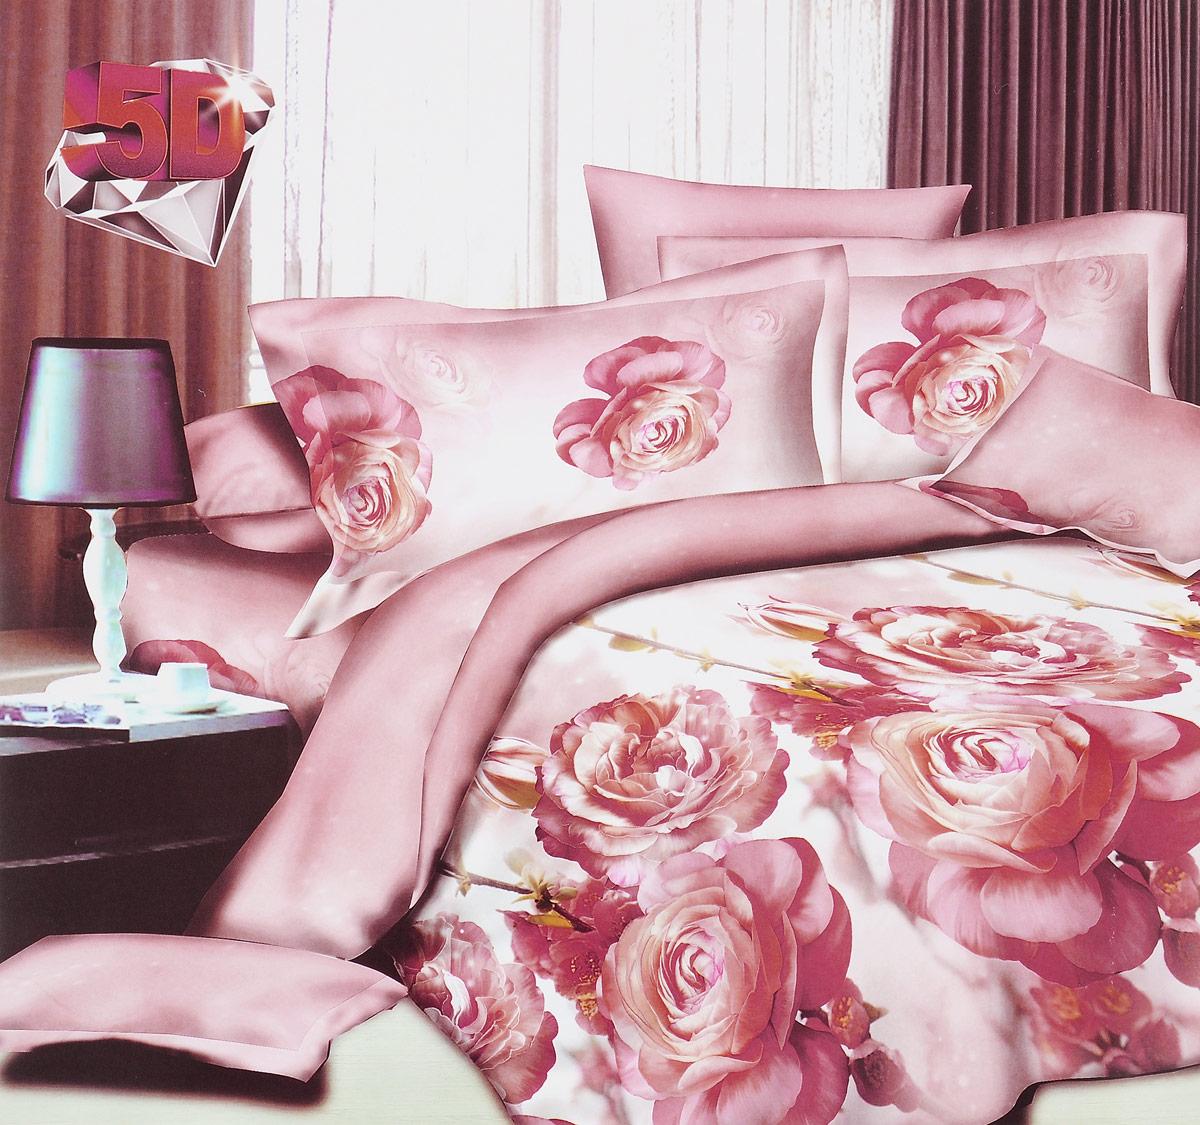 Комплект белья ЭГО Южная Роза, 1,5-спальный, наволочки 70x704250ПКомплект белья ЭГО Южная Роза выполнен из полисатина (50% хлопка, 50% полиэстера). Комплект состоит из пододеяльника, простыни и двух наволочек. Постельное белье имеет изысканный внешний вид и яркую цветовую гамму. Гладкая структура делает ткань приятной на ощупь, мягкой и нежной, при этом она прочная и хорошо сохраняет форму. Ткань легко гладится, не линяет и не садится. Приобретая комплект постельного белья ЭГО Южная Роза, вы можете быть уверенны в том, что покупка доставит вам и вашим близким удовольствие и подарит максимальный комфорт.